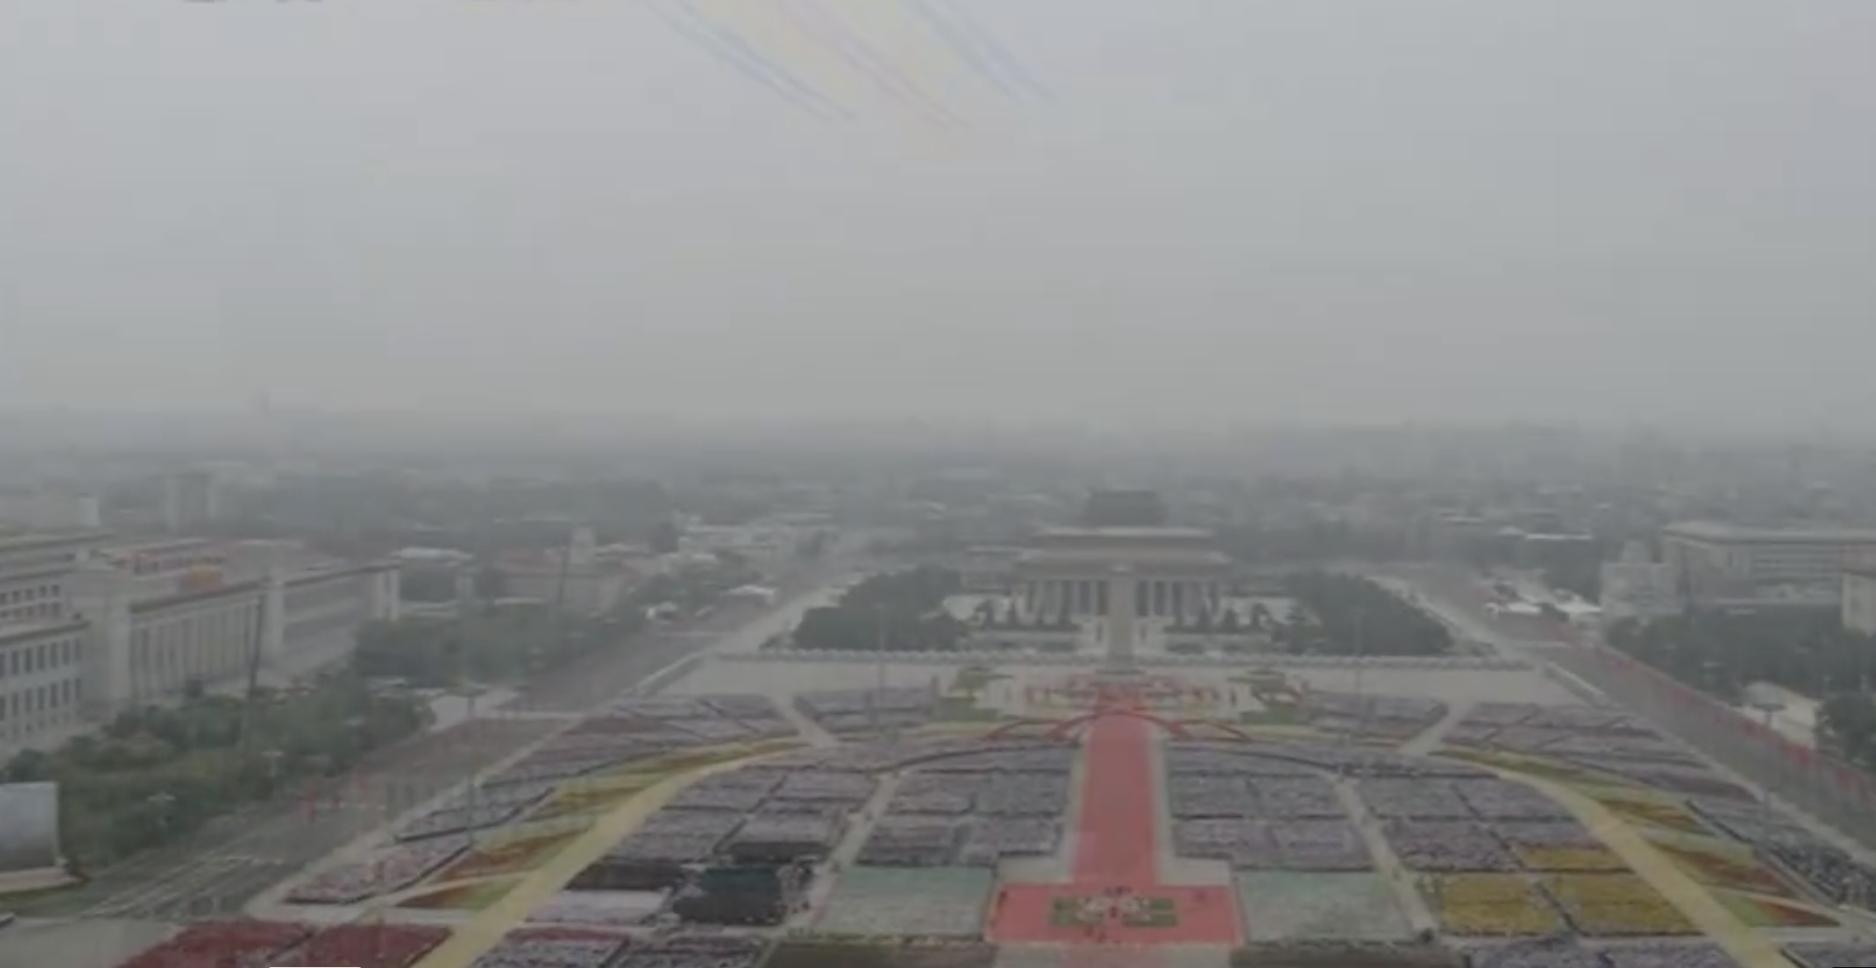 中共百年黨慶,天安門大型活動現場在風雨中失去任何色彩,灰濛濛看不清。(視頻截圖)